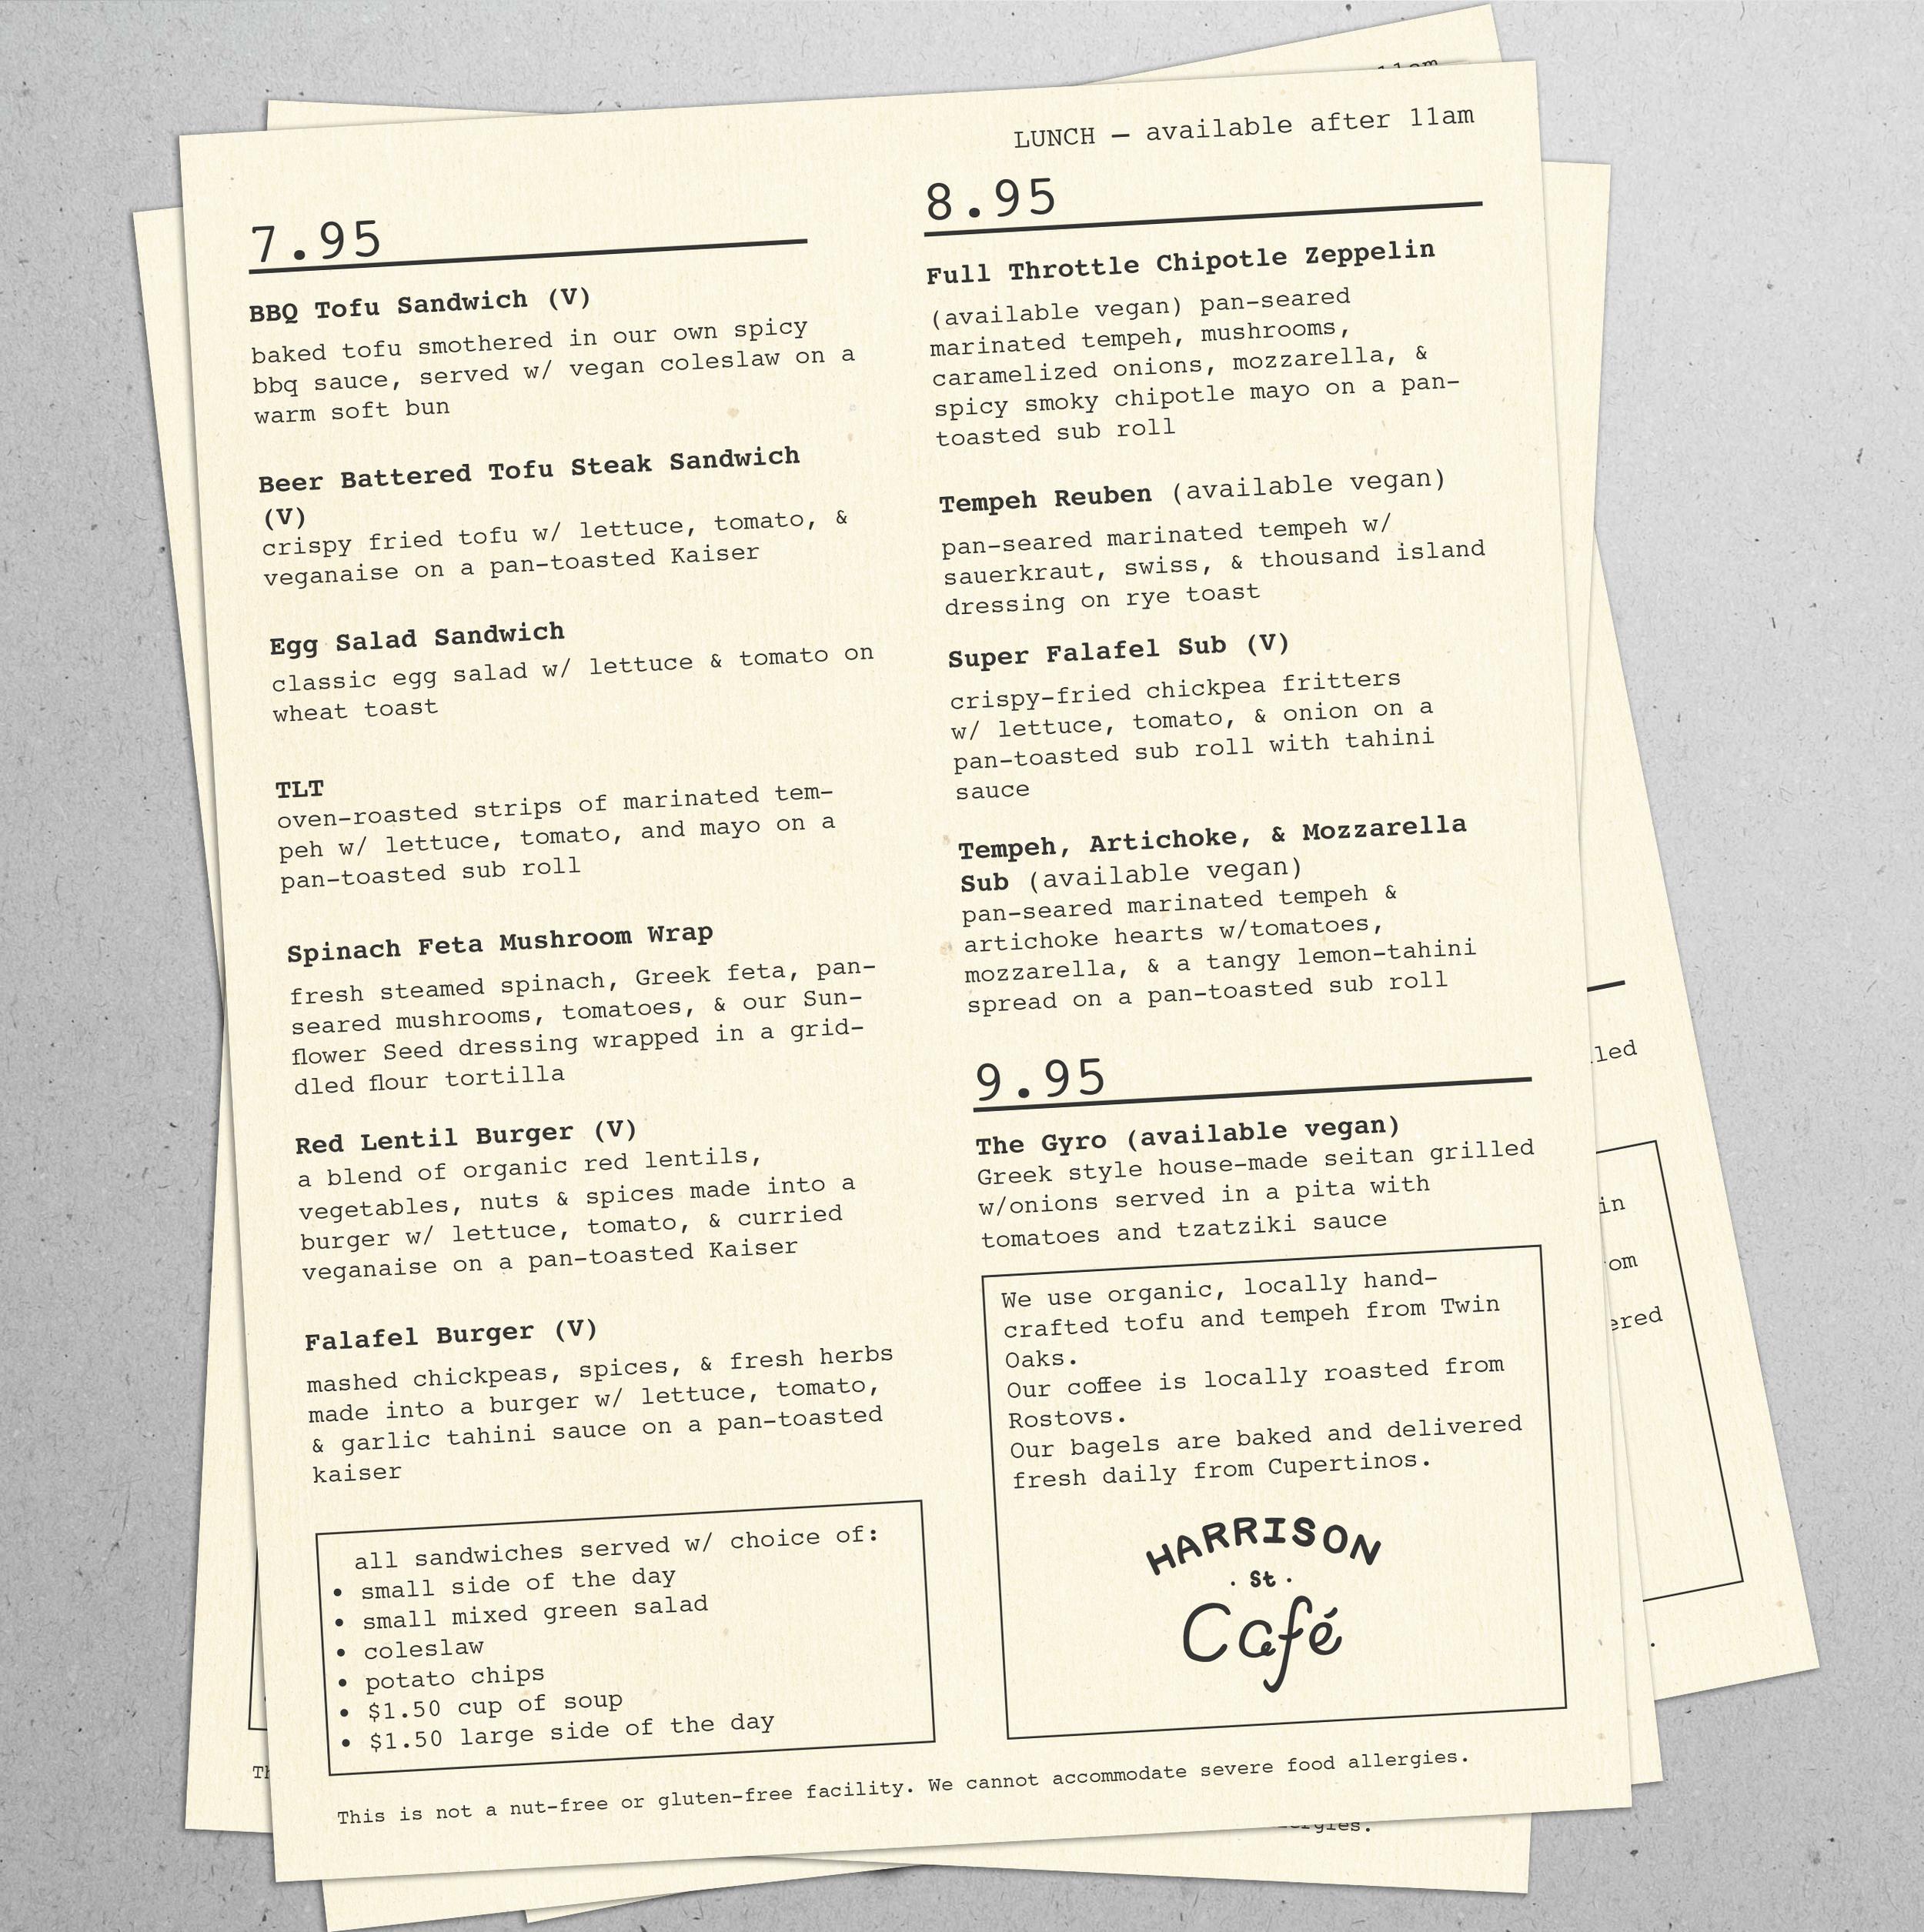 harrison menu mock up.png